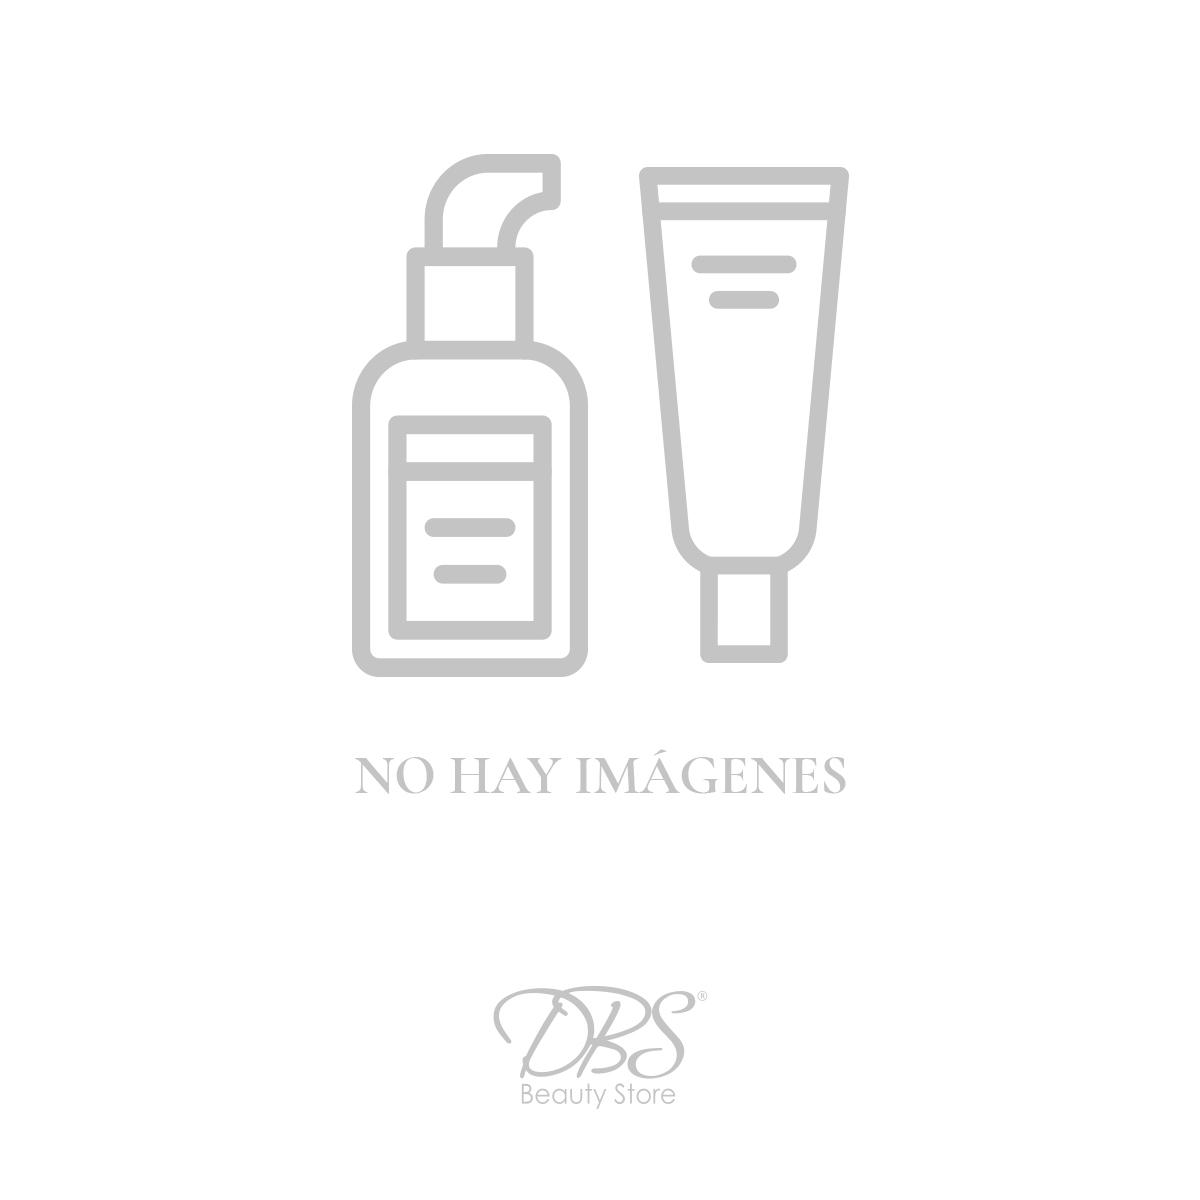 dbs-cosmetics-DBS-LI1060-MP.jpg